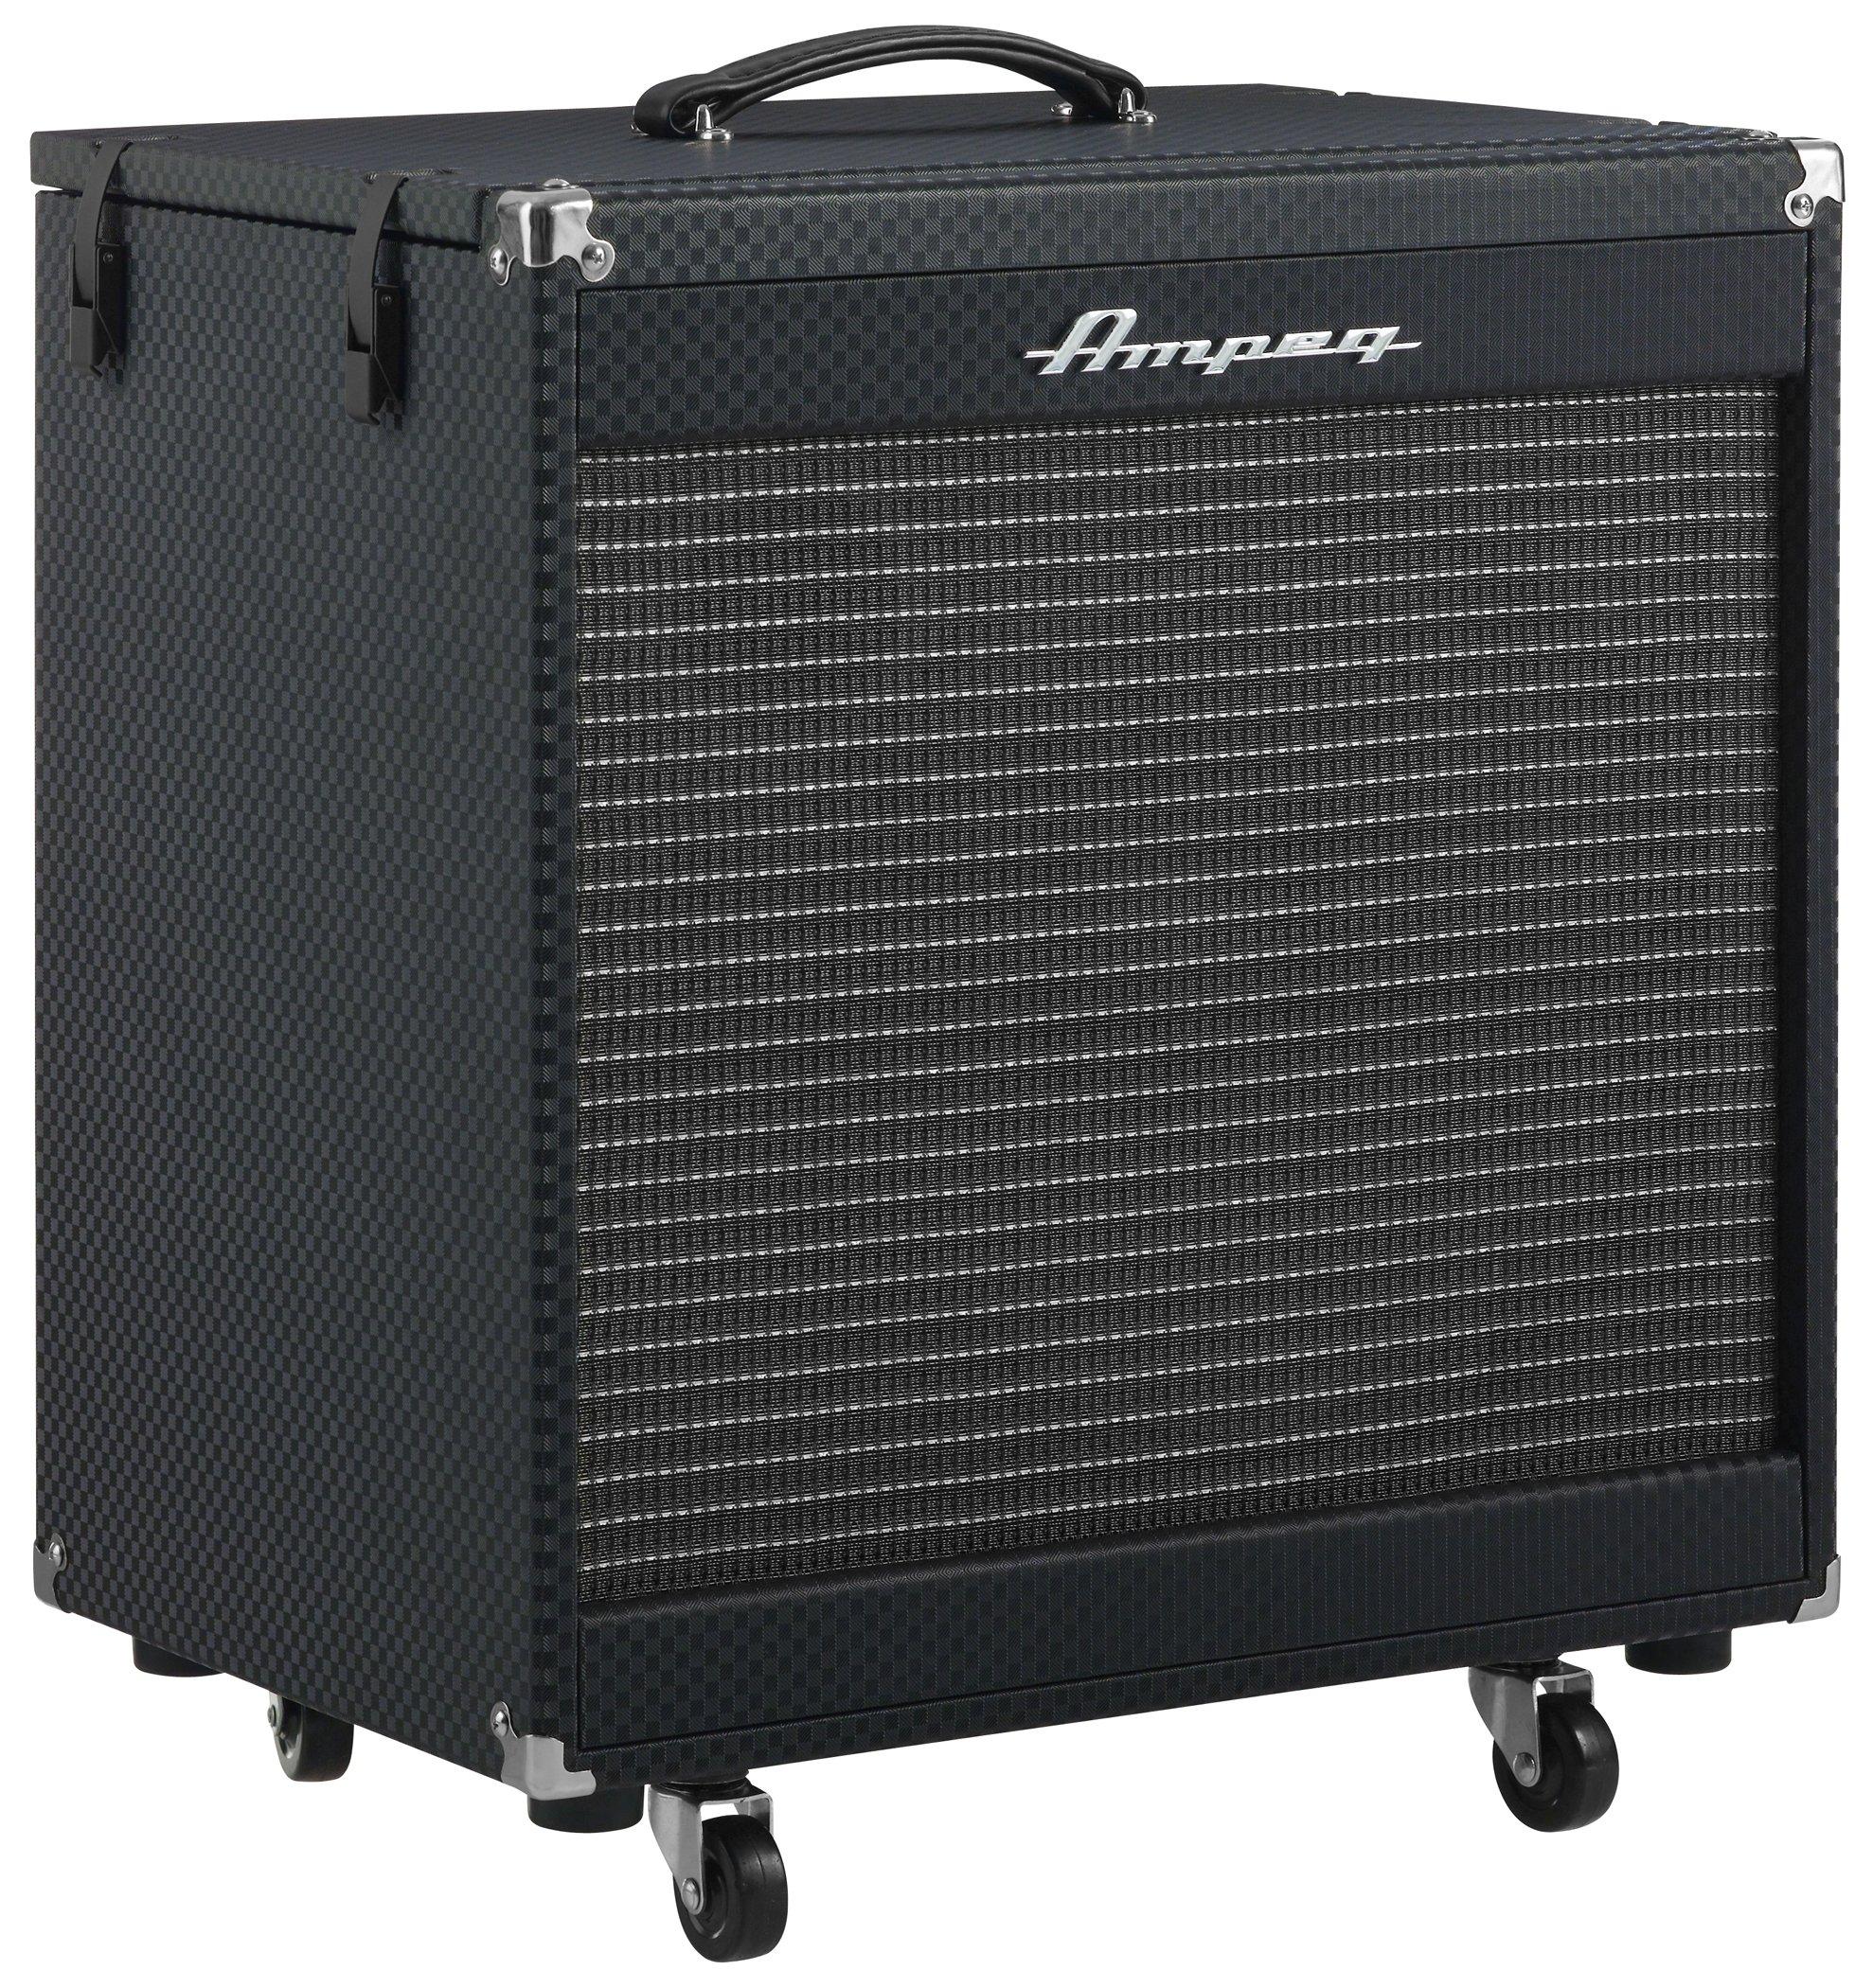 Ampeg Portaflex Series PF-115HE 1x15 ''Flip-top'' Bass Amplifier Cabinet